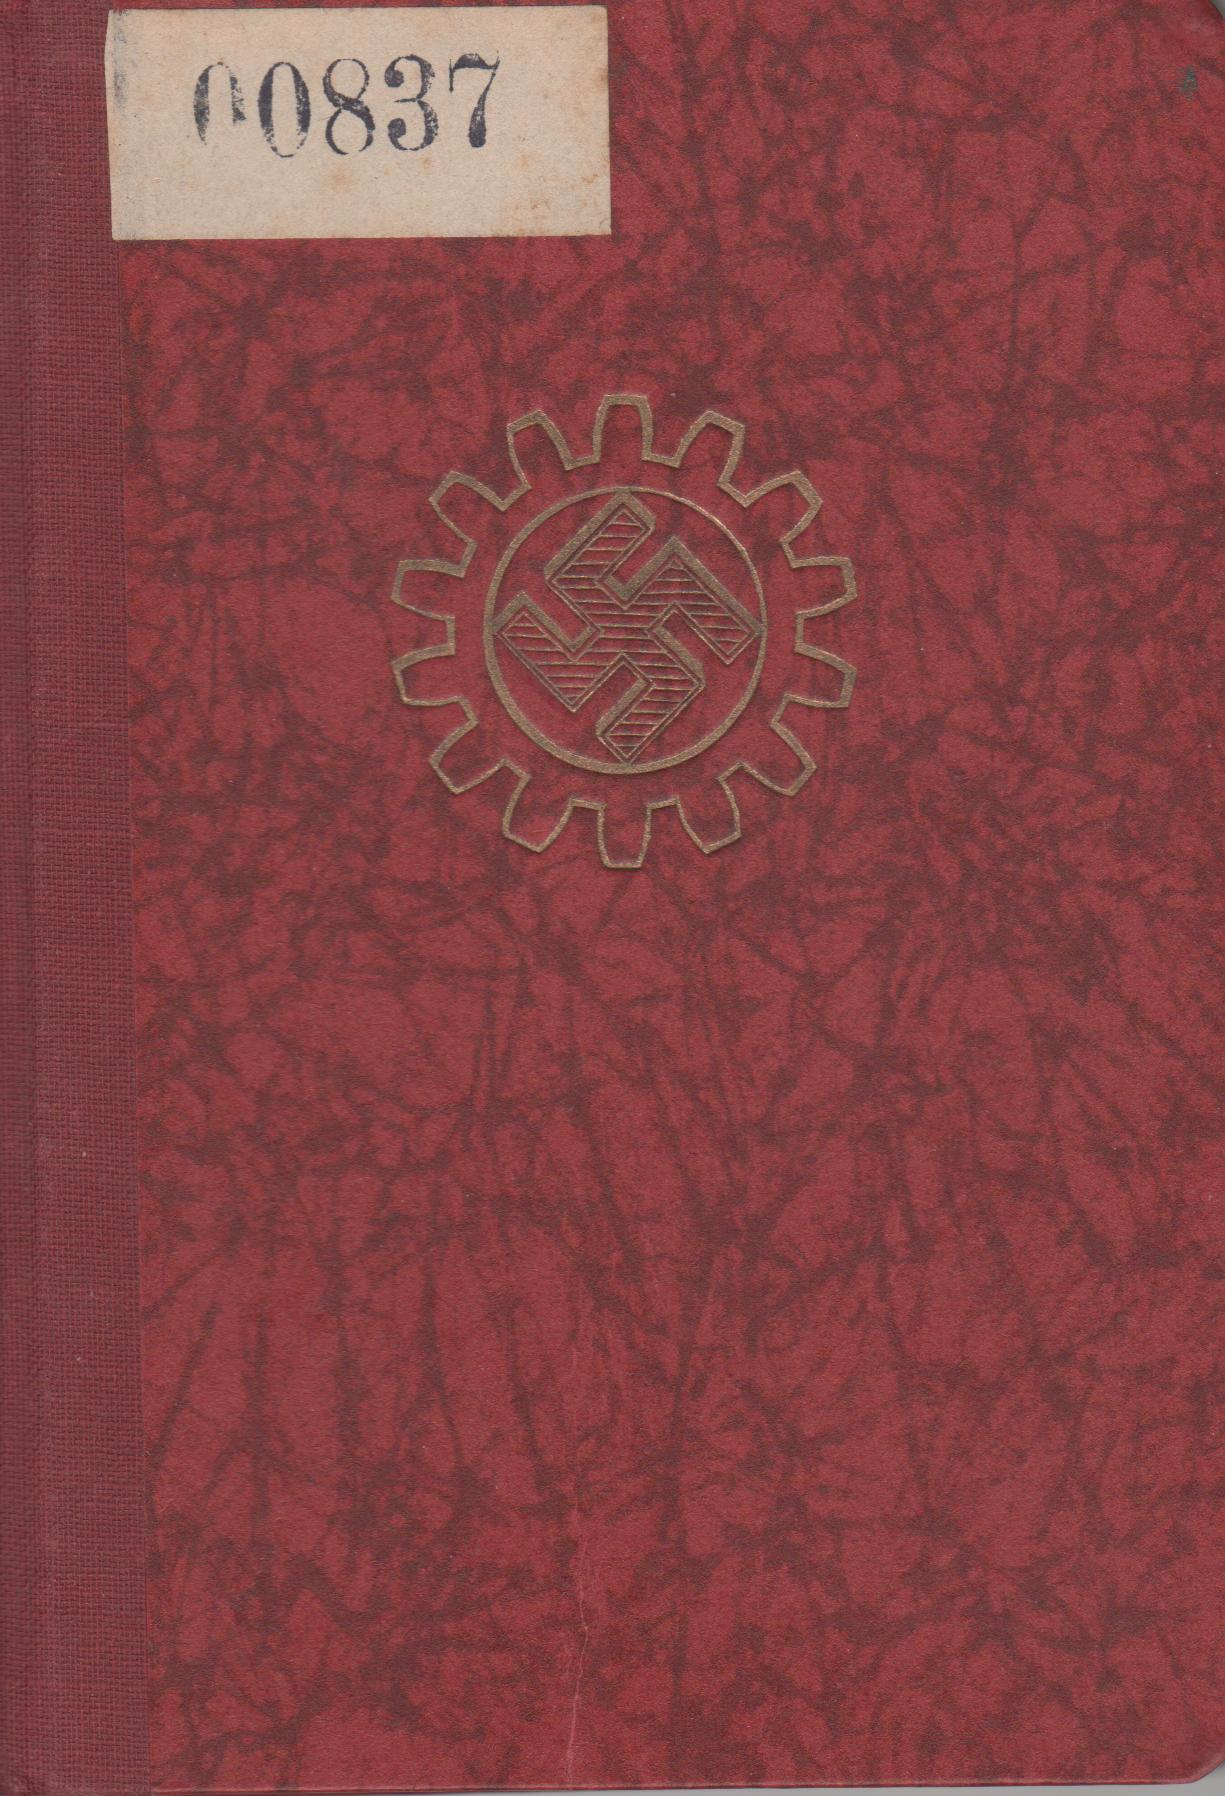 Das Bild zeigt die Vorderseite des Mitgliedsbuchs